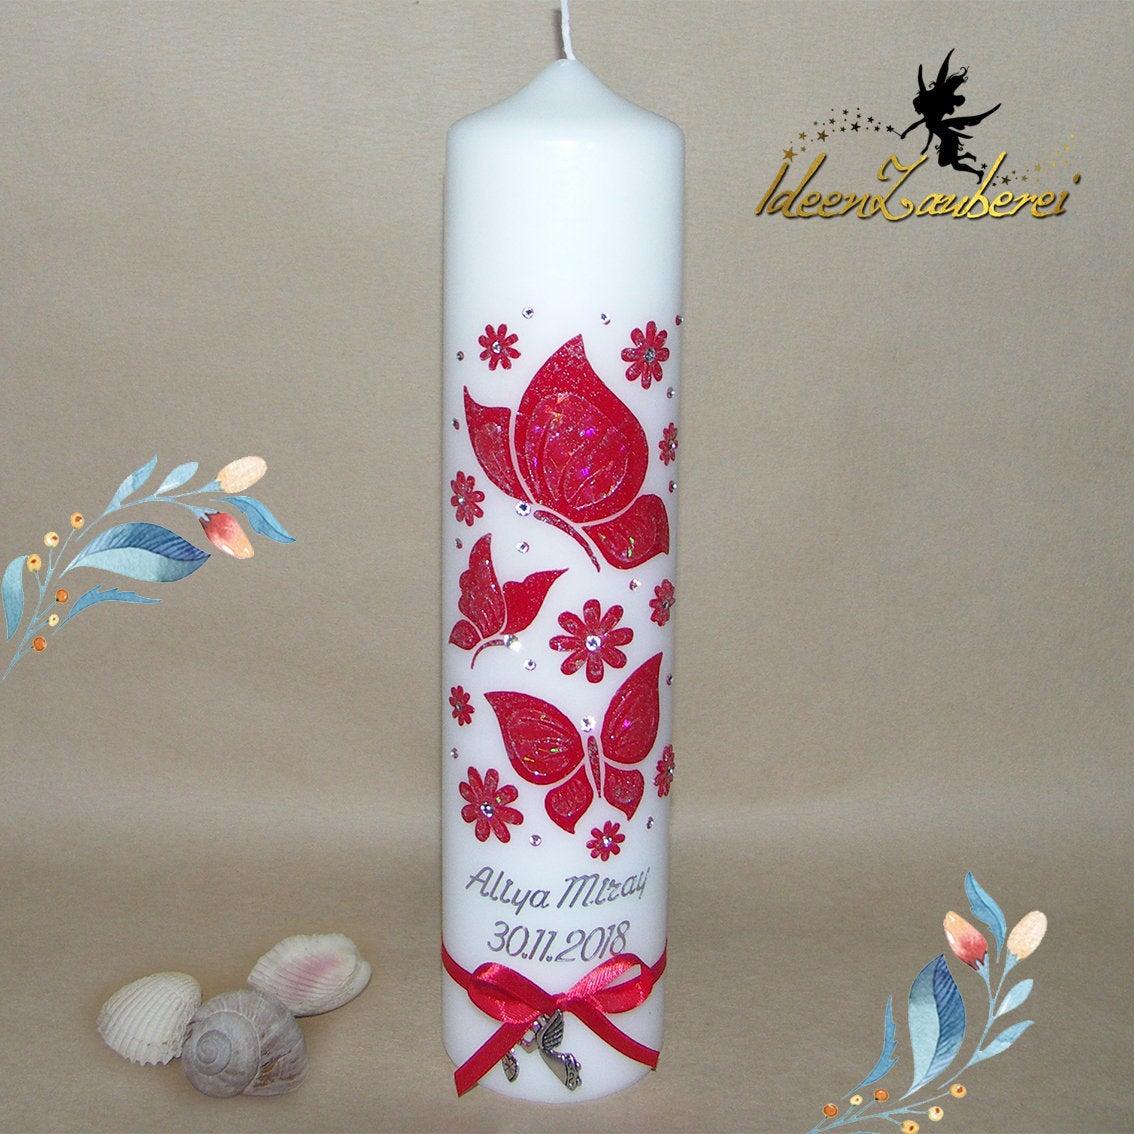 Taufkerze für Mädchen, Taufkerze mit Schmetterlingen, Blumen, rot, mit  Glitzer, Taufkerzen mit Schmetterling, rote Taufkerze / Liebevoll  gestaltete ...